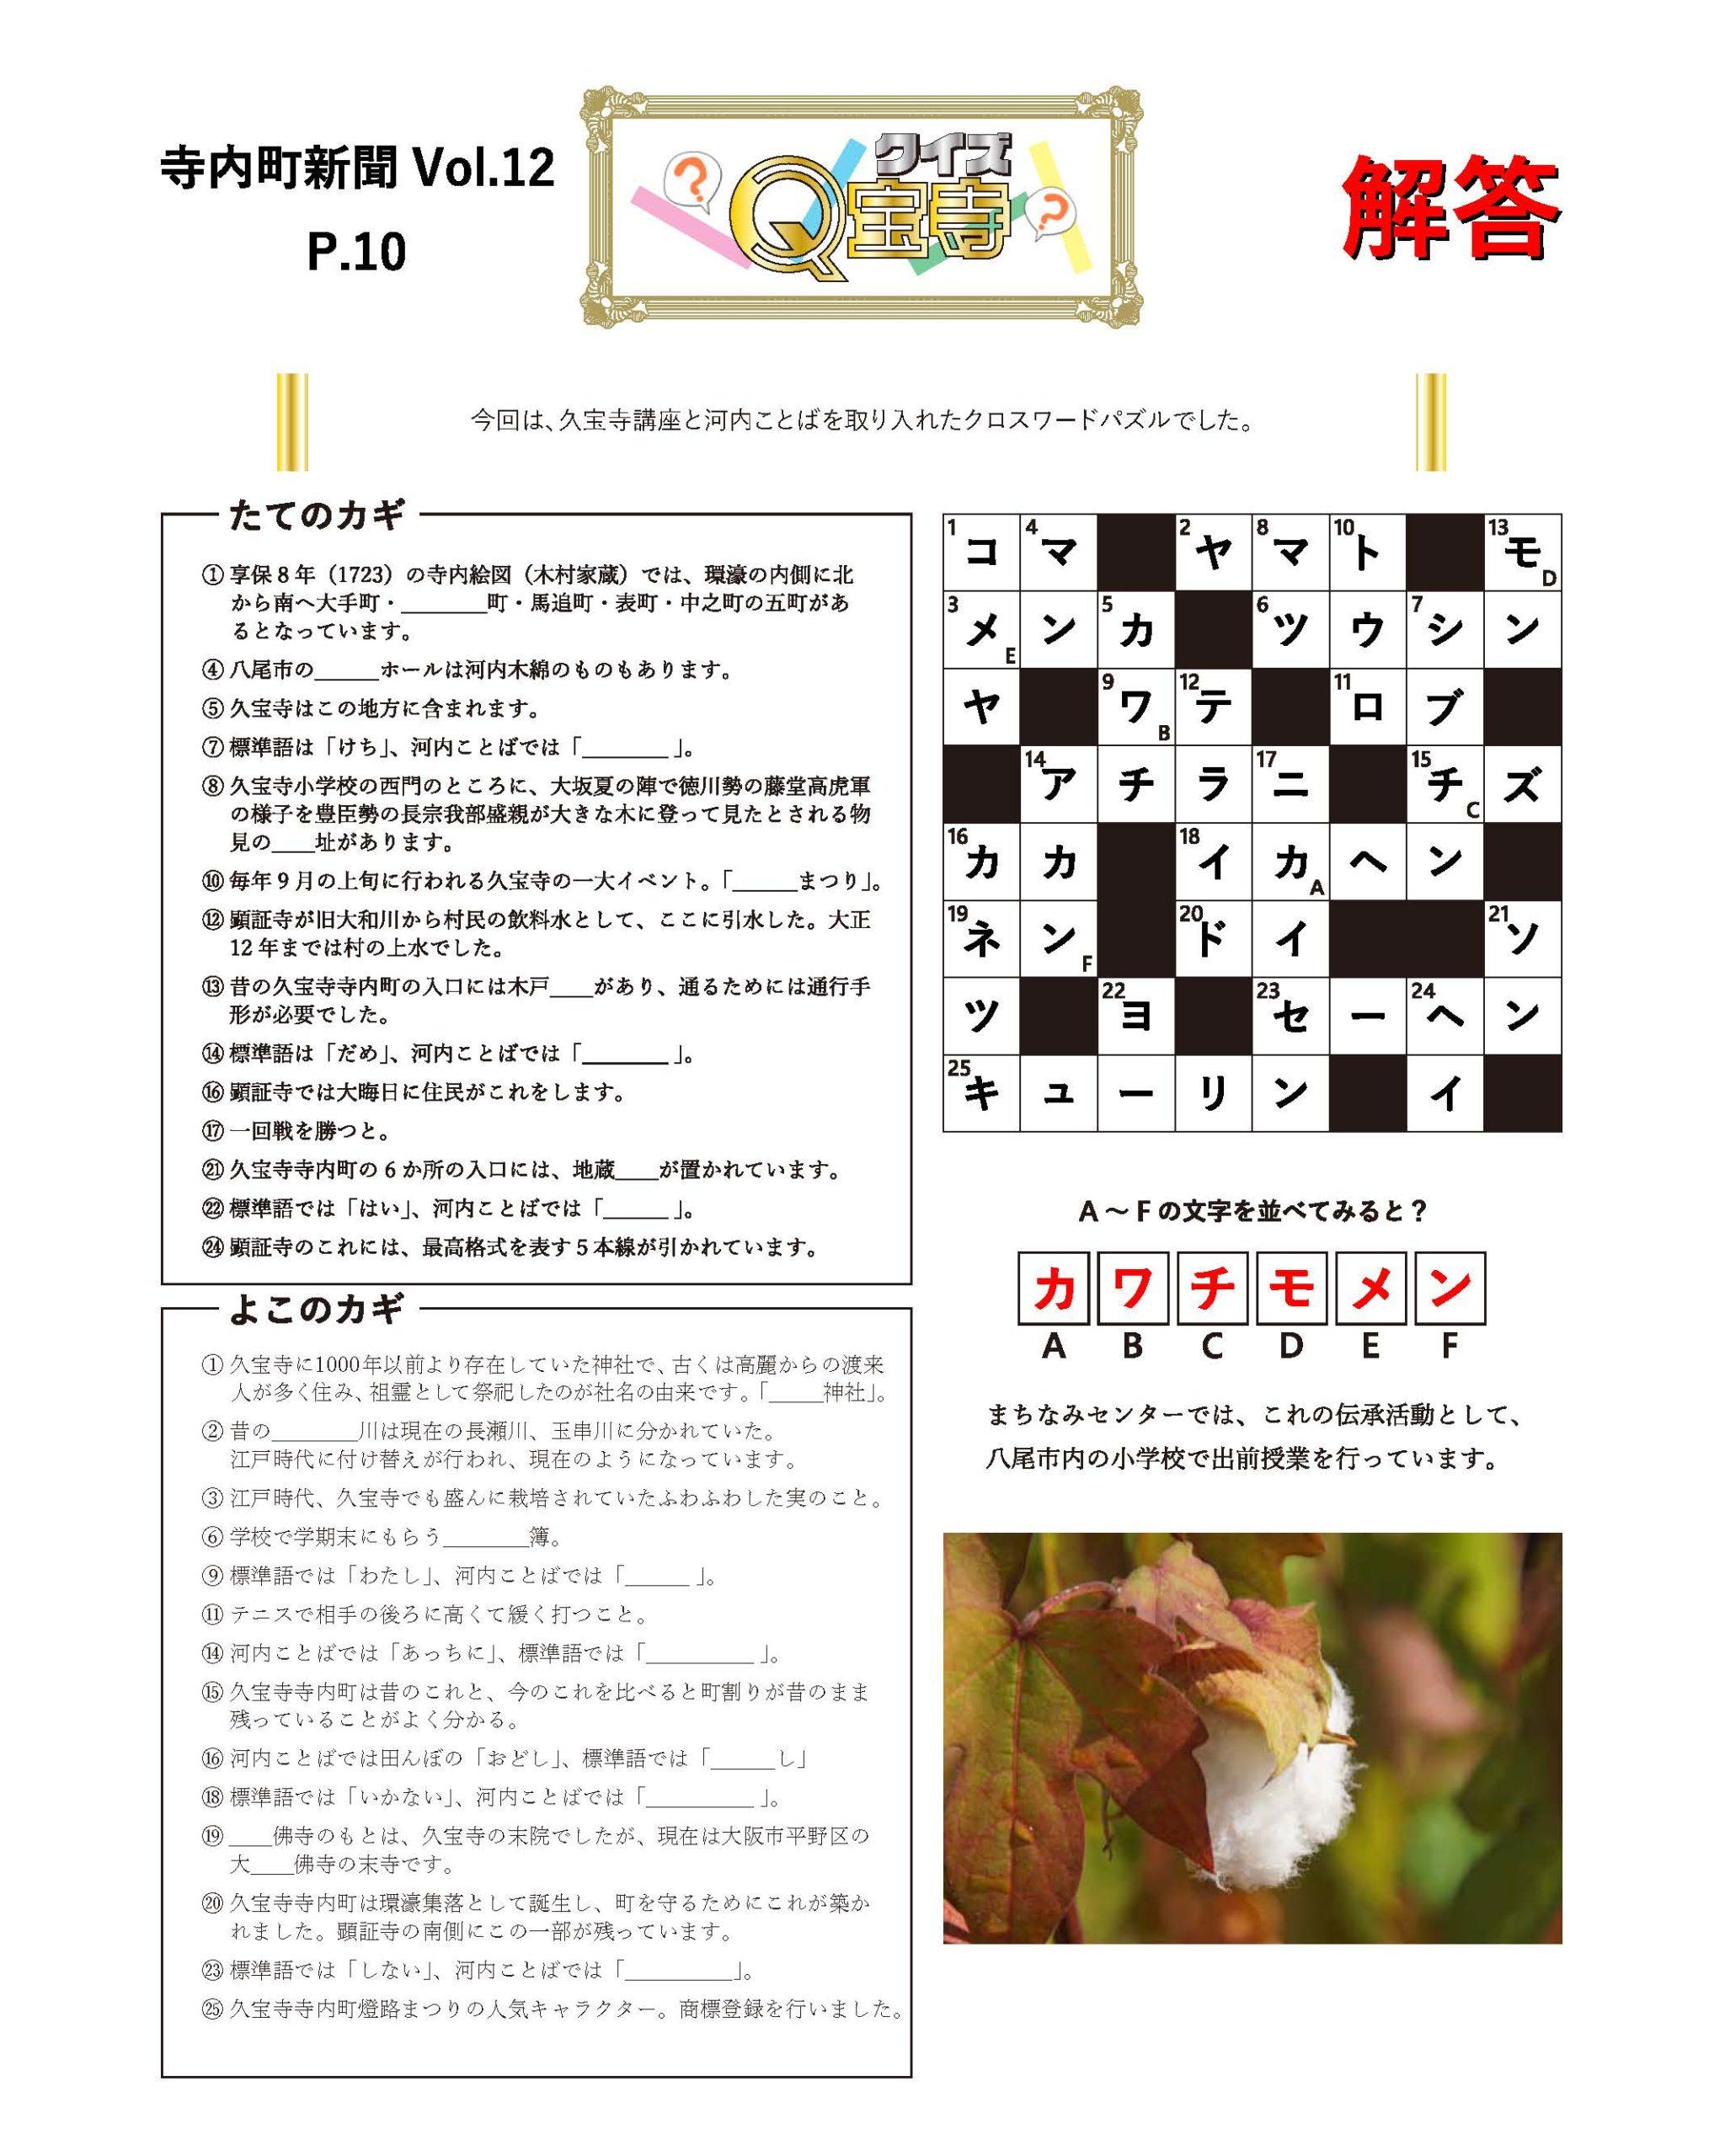 クイズQ宝寺Vol.12 解答